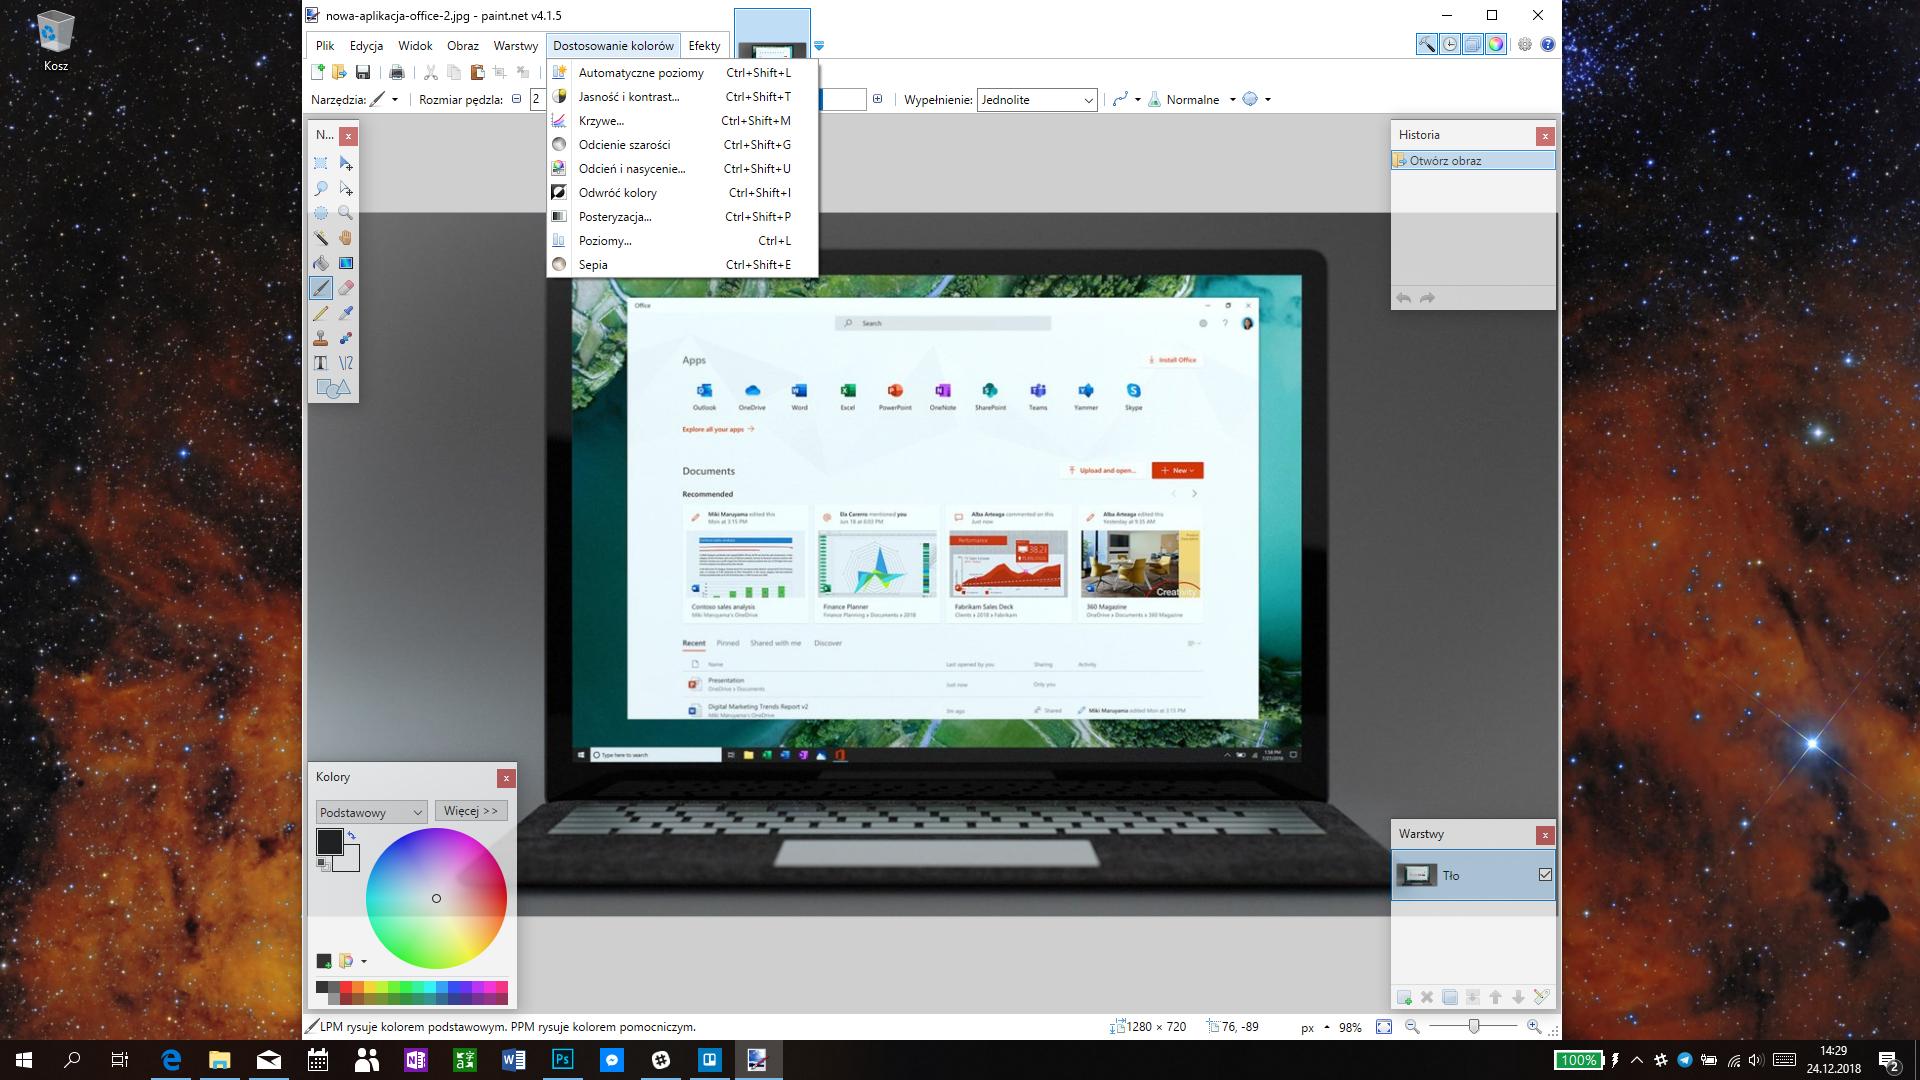 najlepsze aplikacje dla windows